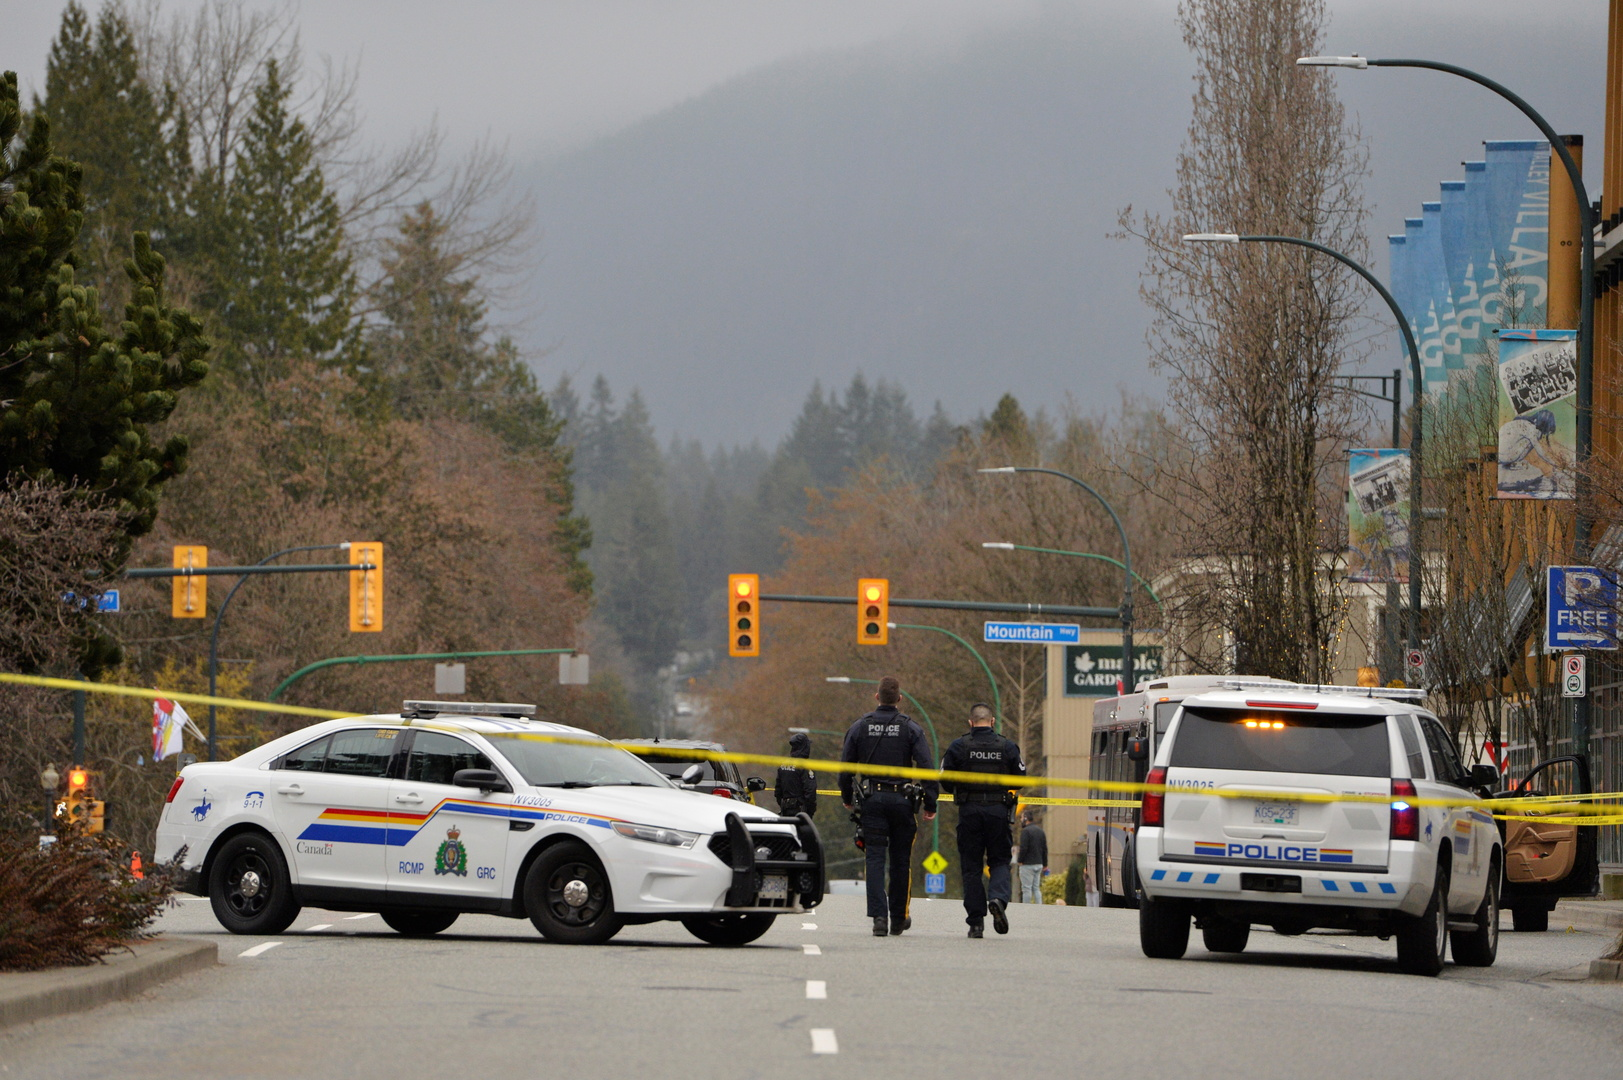 مقتل امرأة وإصابة عدة أشخاص بحادث طعن في كندا